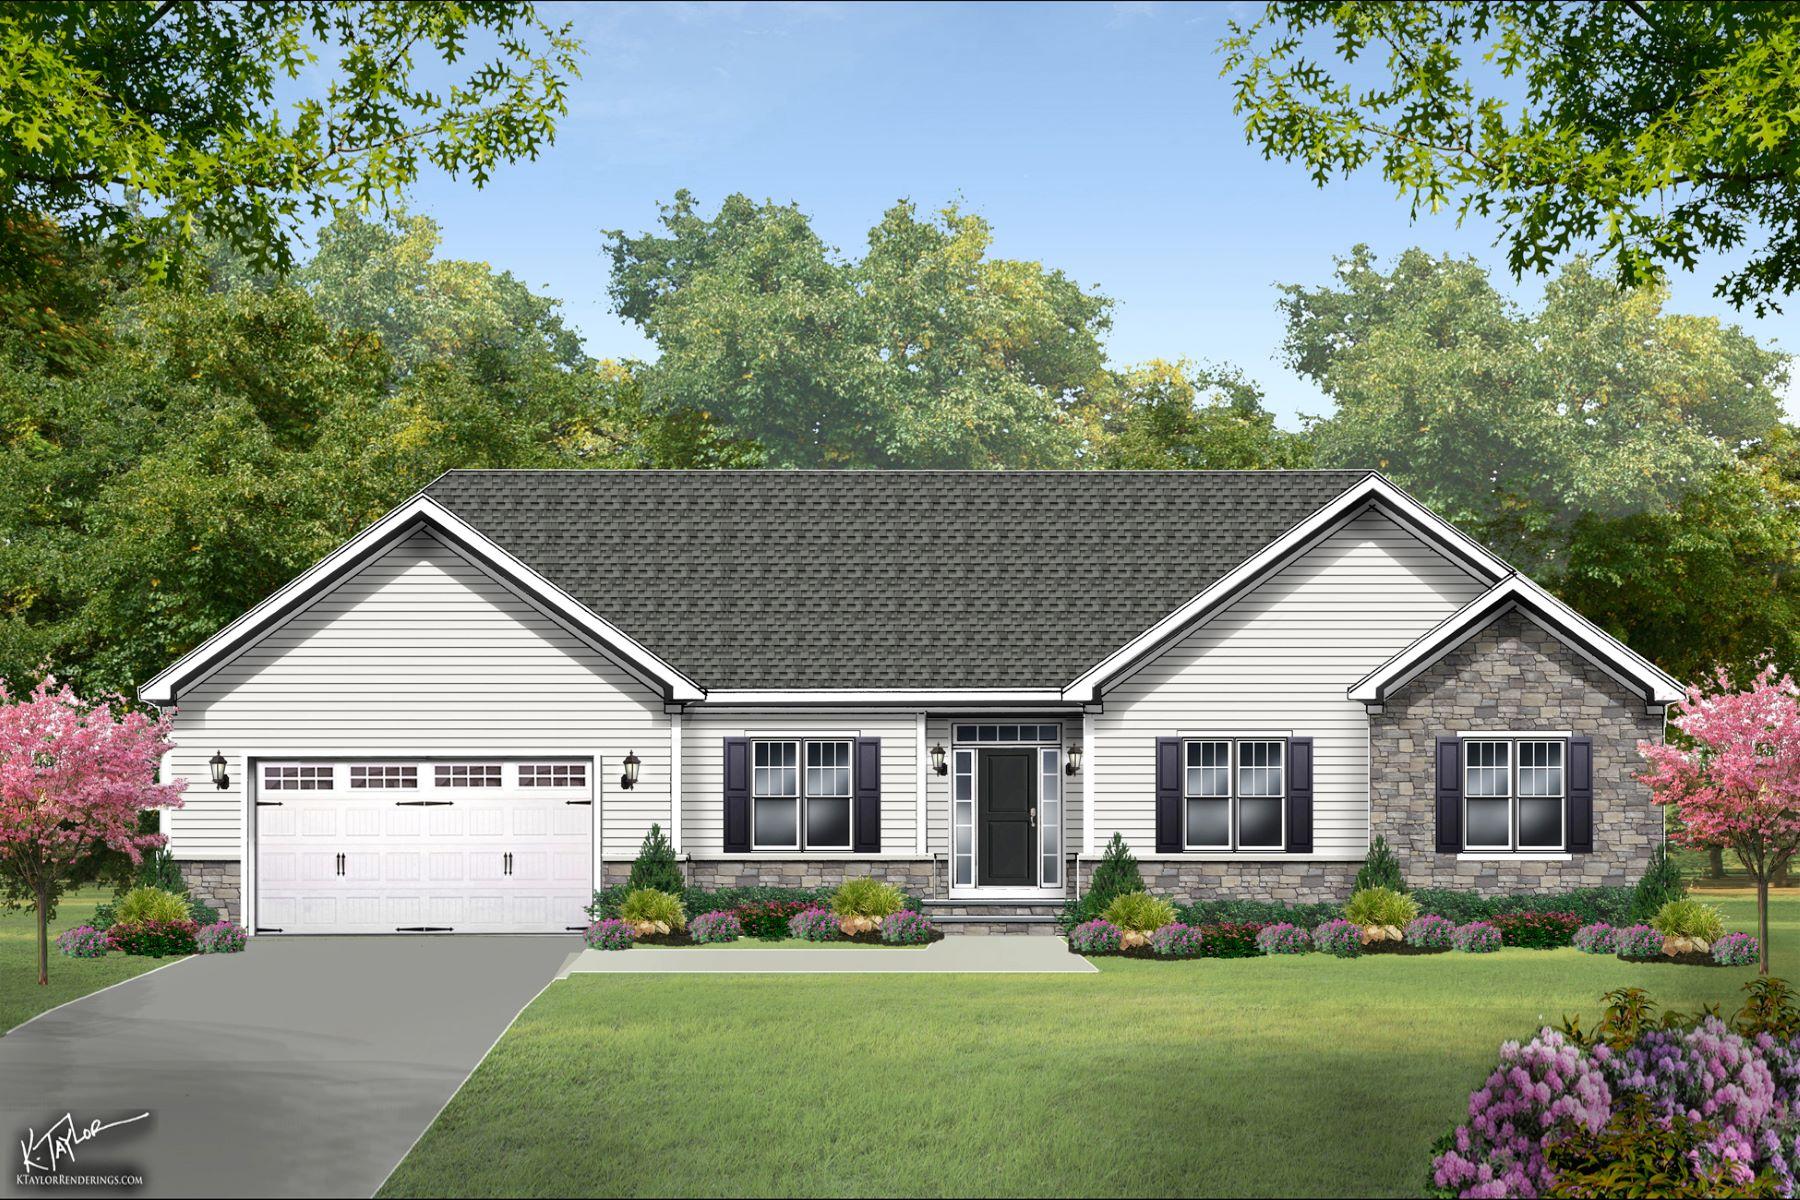 Частный односемейный дом для того Продажа на Expect Nothing But The Best 2401 Liberty Terrace, Easton, Пенсильвания 18040 Соединенные ШтатыВ/Около: Forks Township